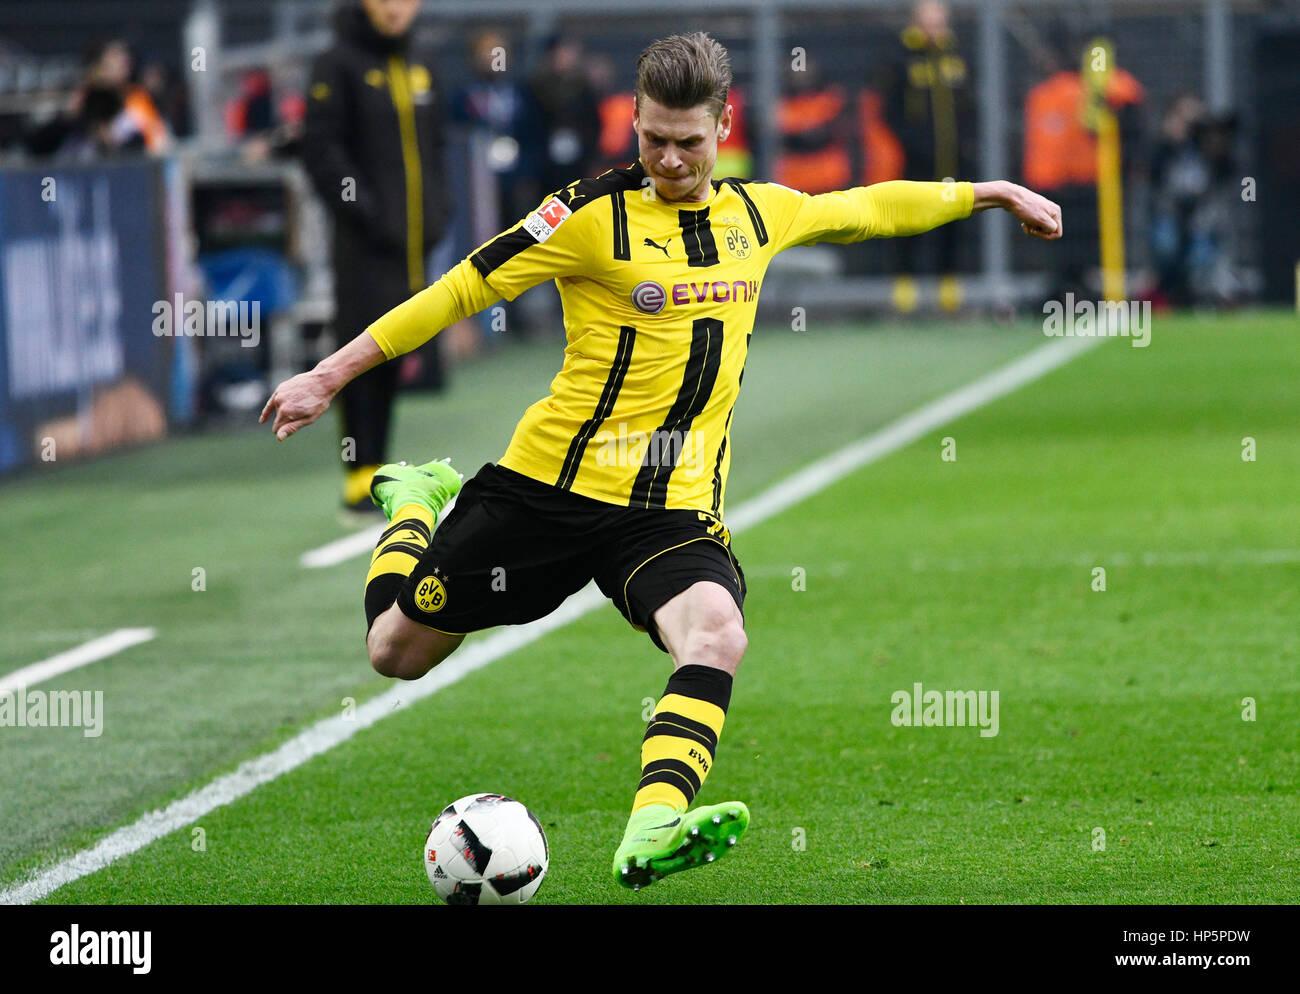 Parque Signal-Iduna, Dortmund, Alemania. 18 de febrero, 2017. La temporada 2016/17 de la Bundesliga alemana de fútbol,Foto de stock